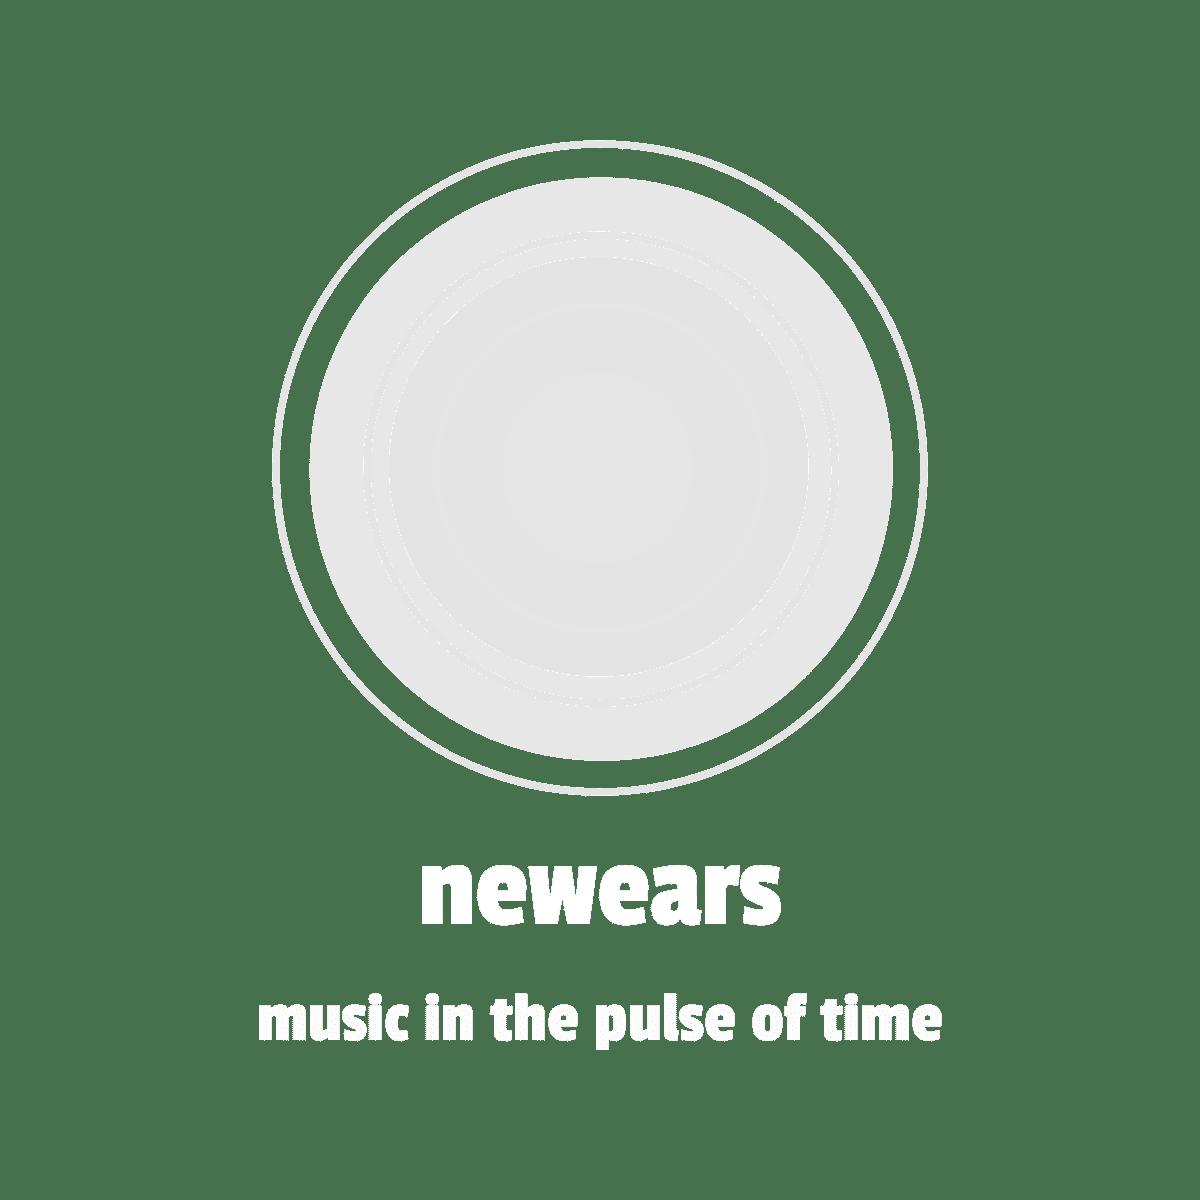 newears